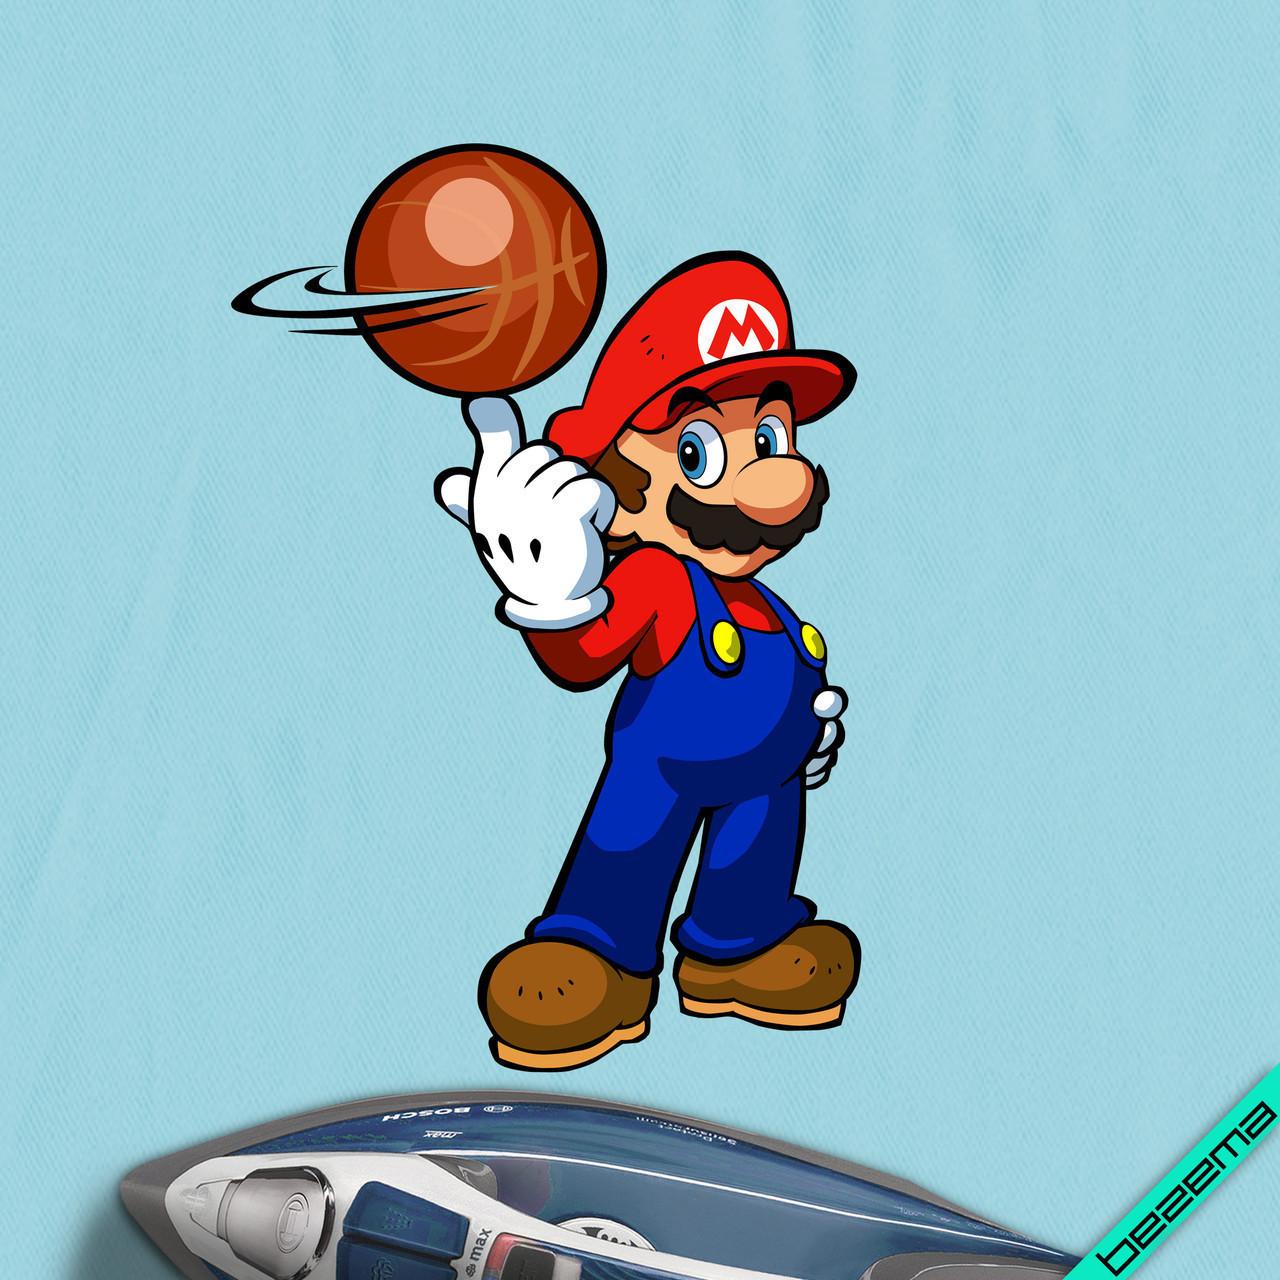 Дизайн на ботфорты Марио с мячом [Свой размер и материалы в ассортименте]